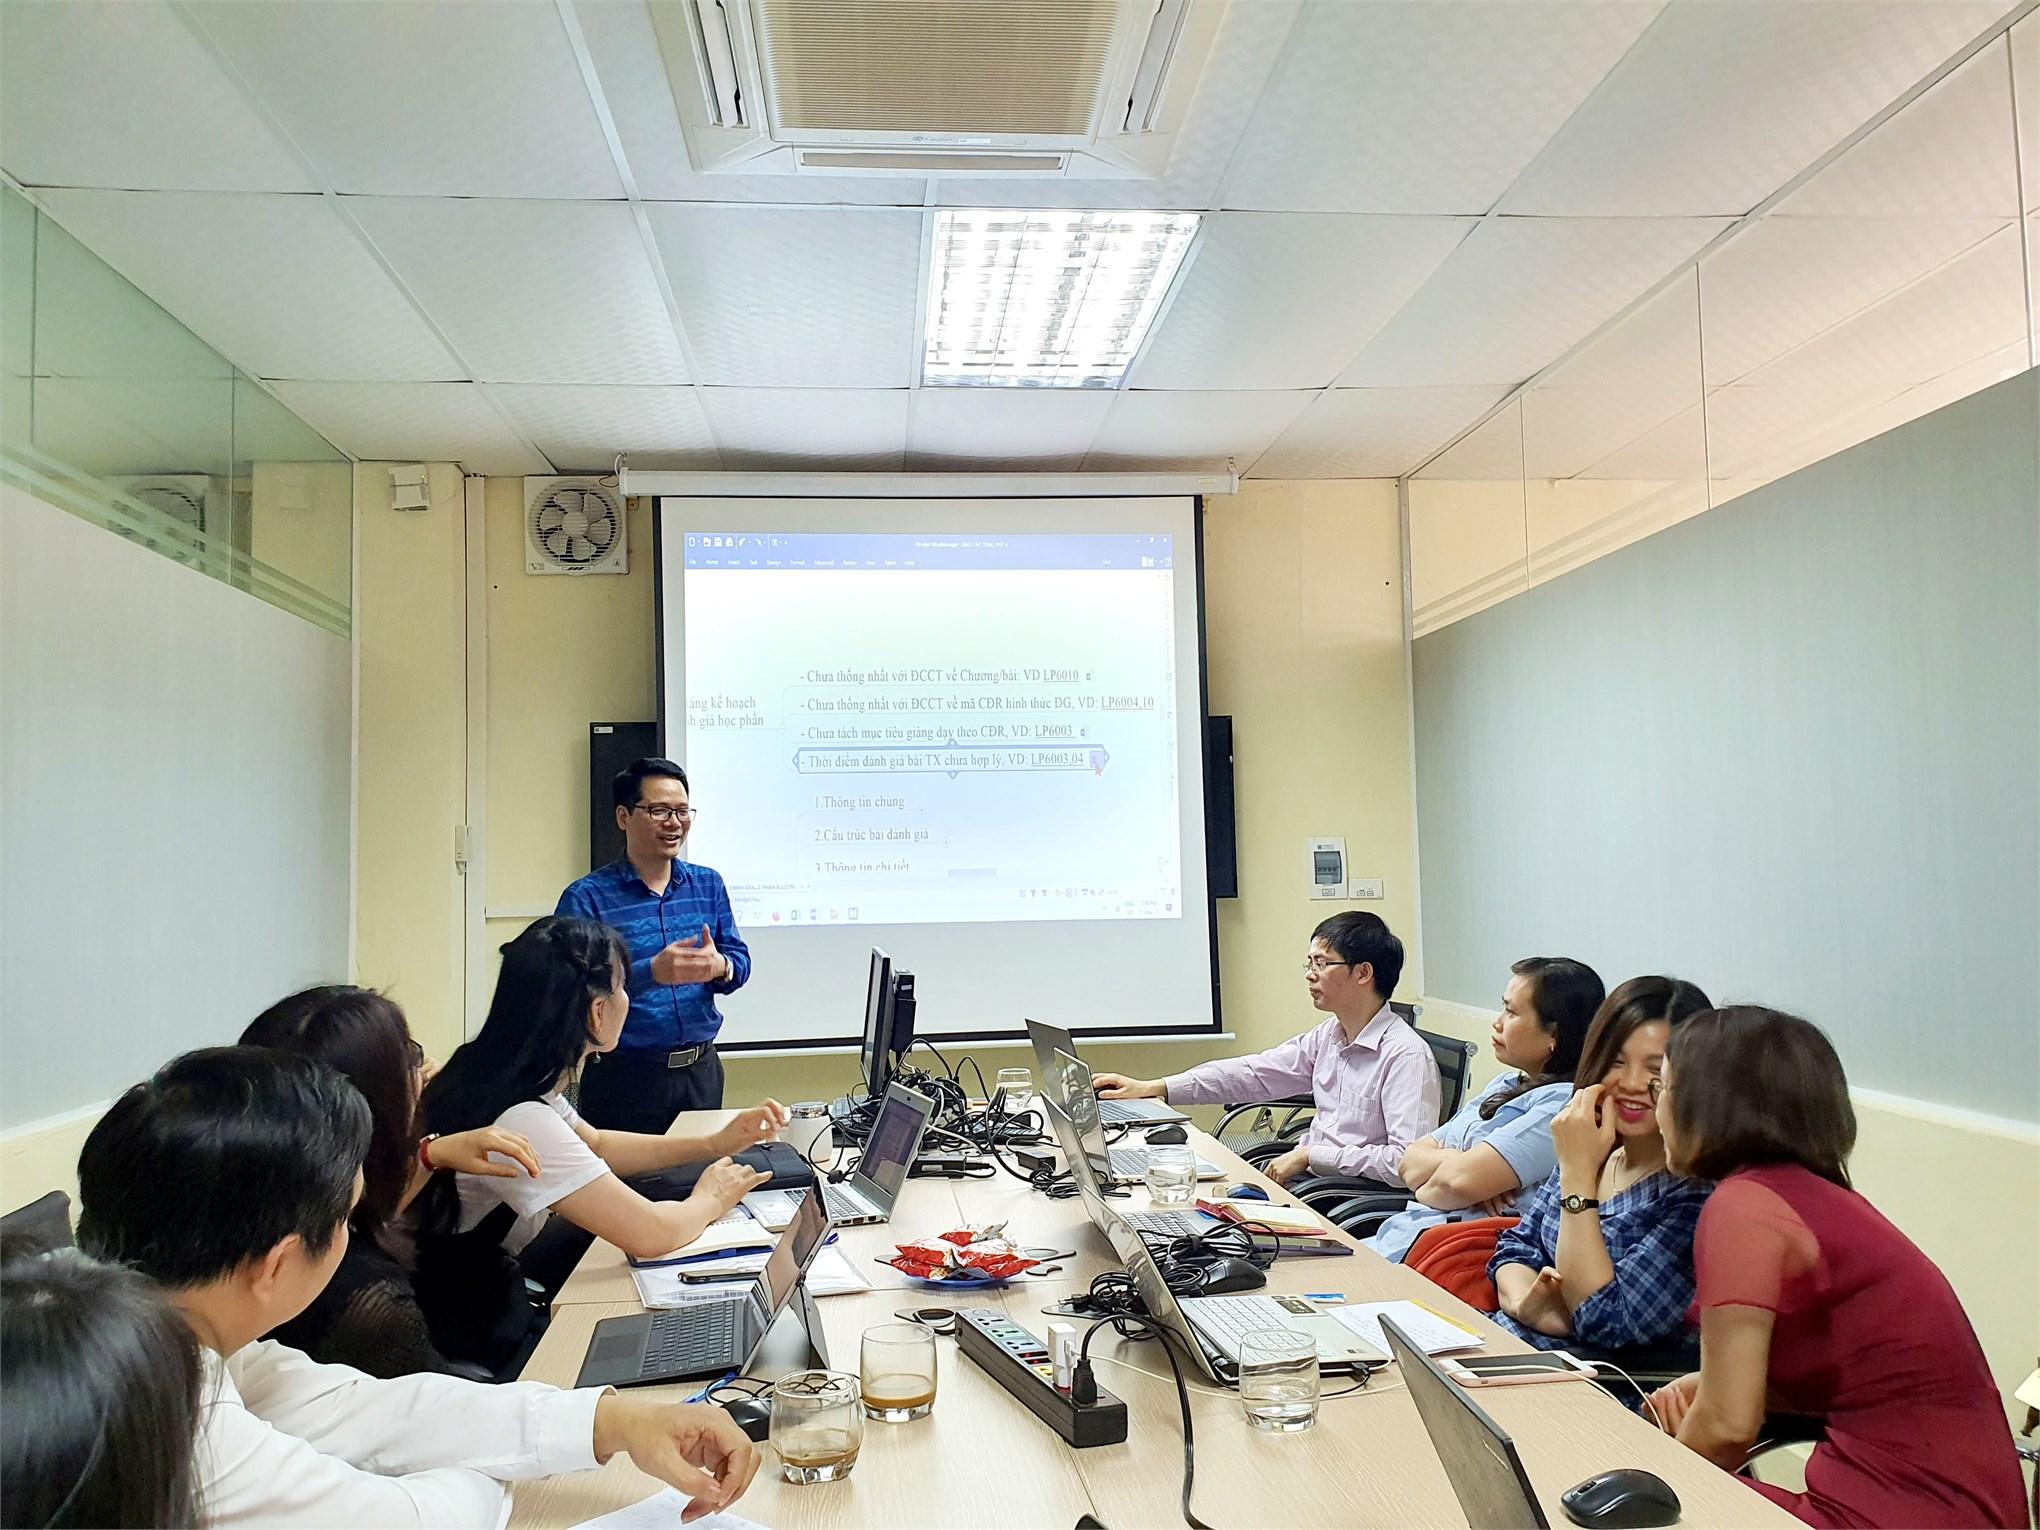 Khoa lý luận Chính trị - Pháp luật và Trung tâm khảo khí thống nhất về việc đánh giá học phần